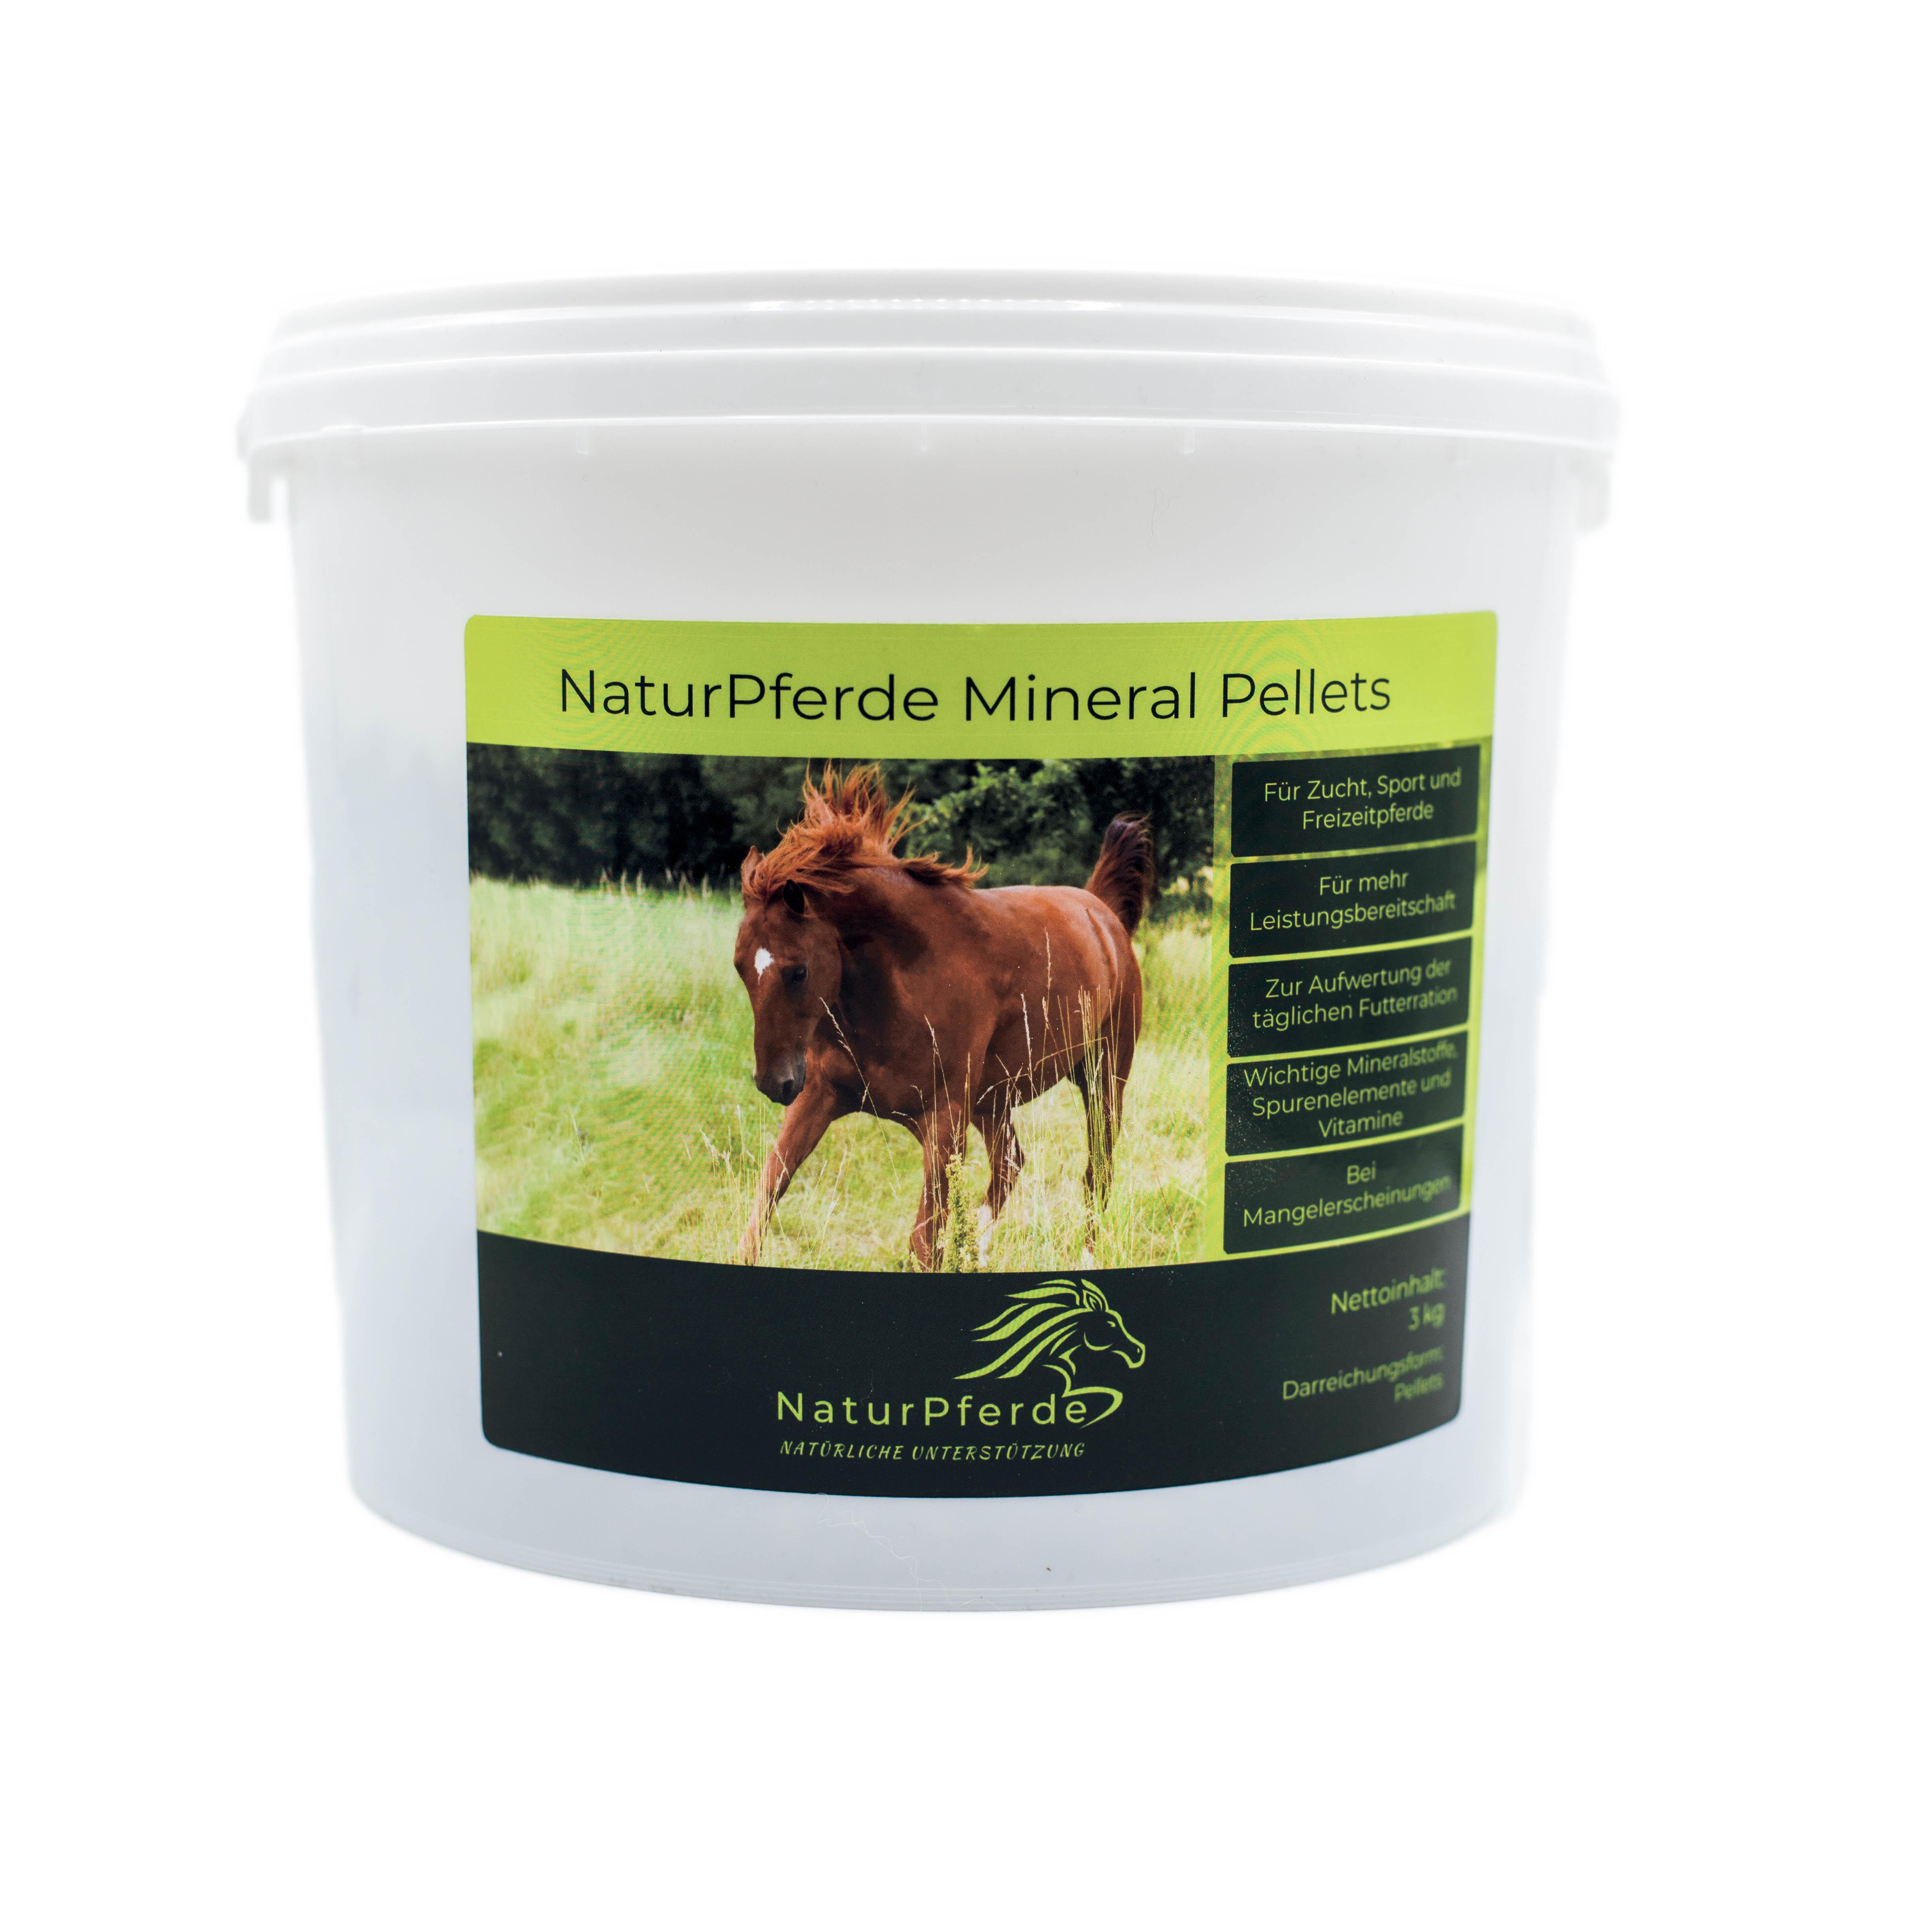 NaturPferde Mineral Pellets